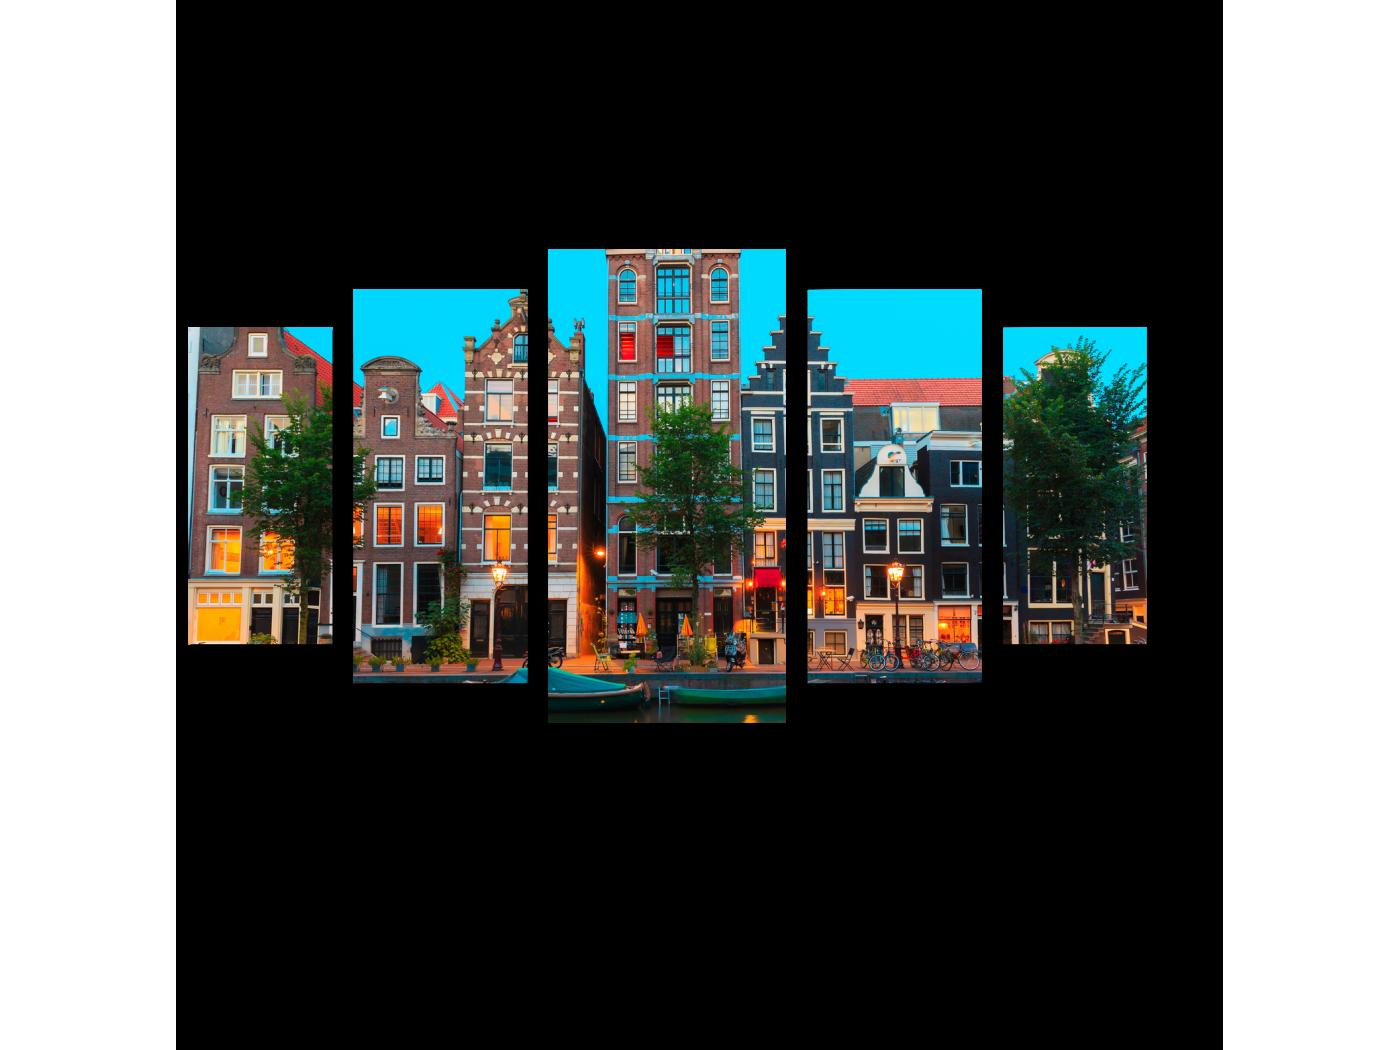 Модульная картина Амстердам каким мы его знаем (100x55) фото